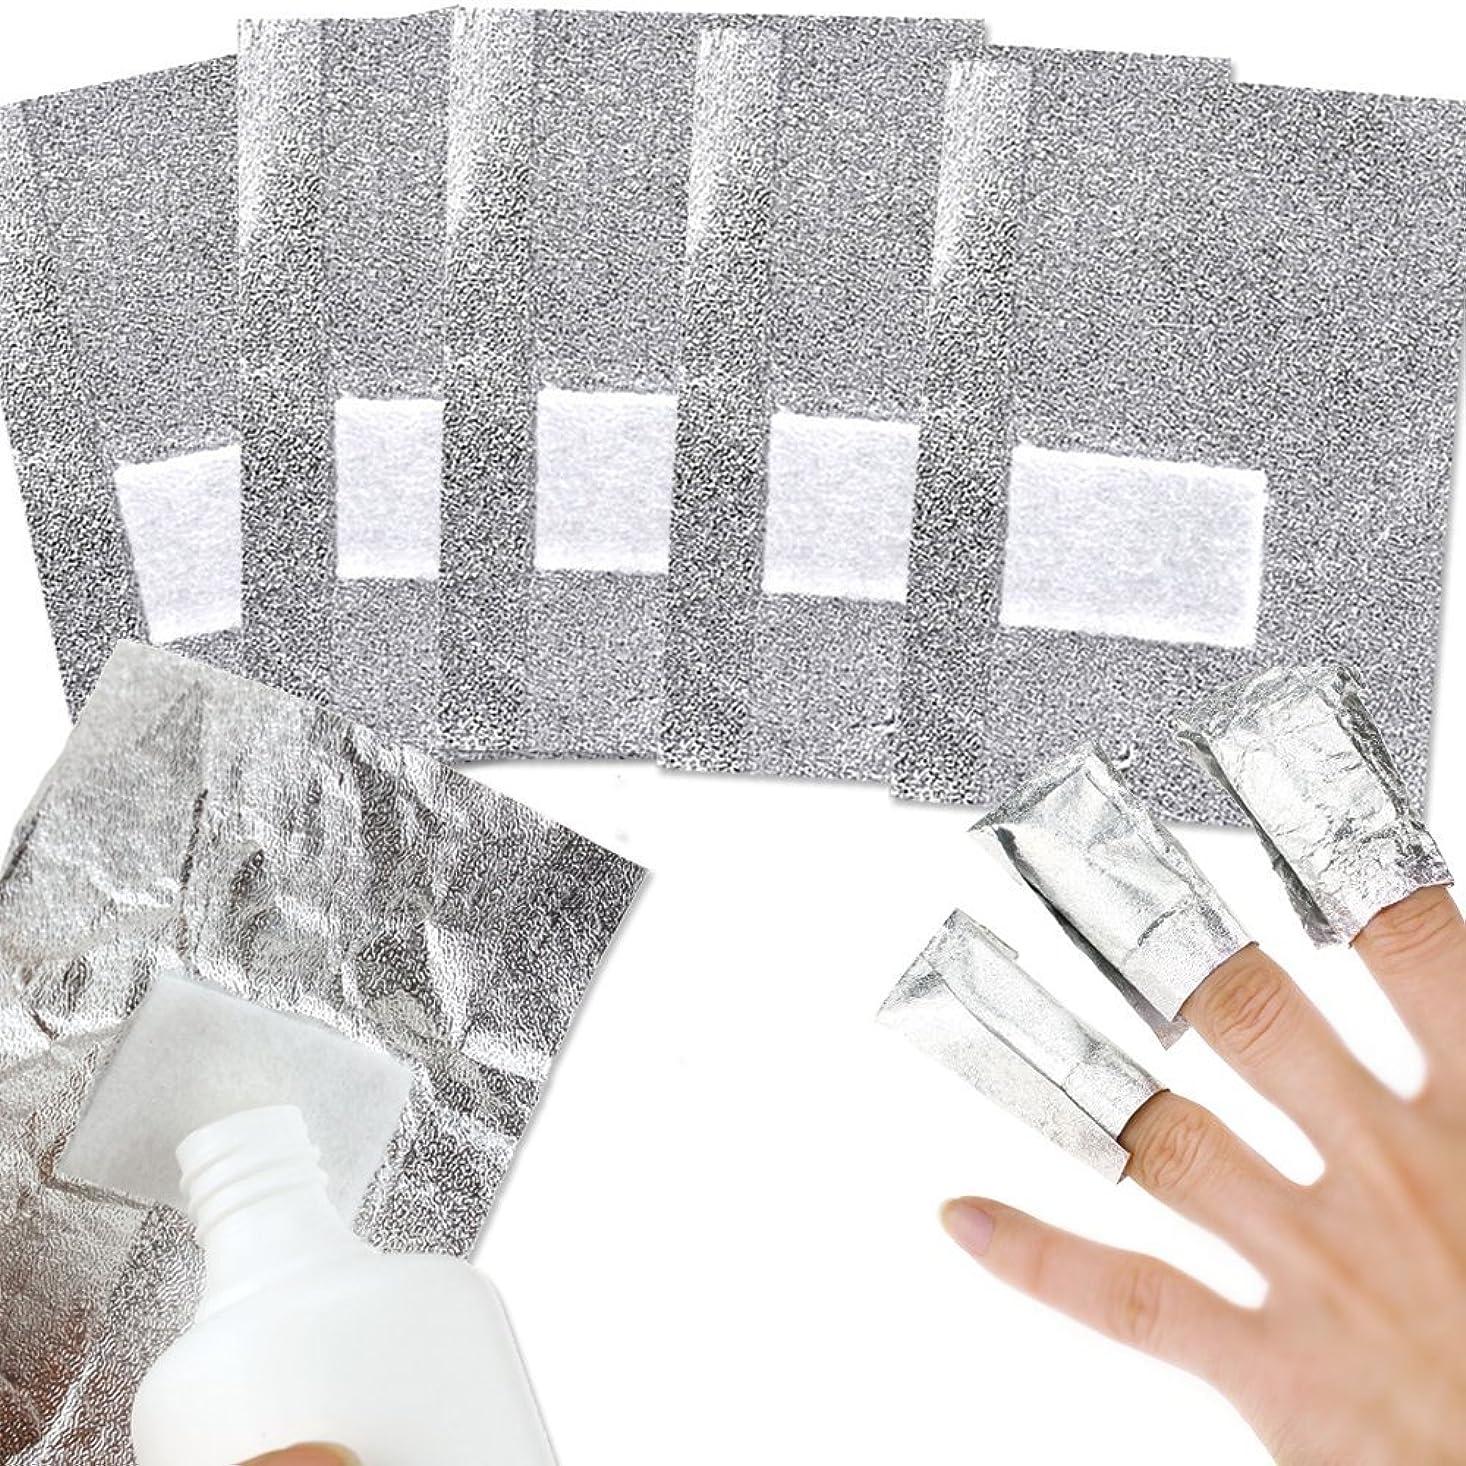 なぜシュガー聖人UVジェル リムーバーパッド 100枚入り ネイルポリッシュをきれいにオフする コットン付きアルミホイル ジェル除却 使い捨て 爪マニキュア用品 Pichidr